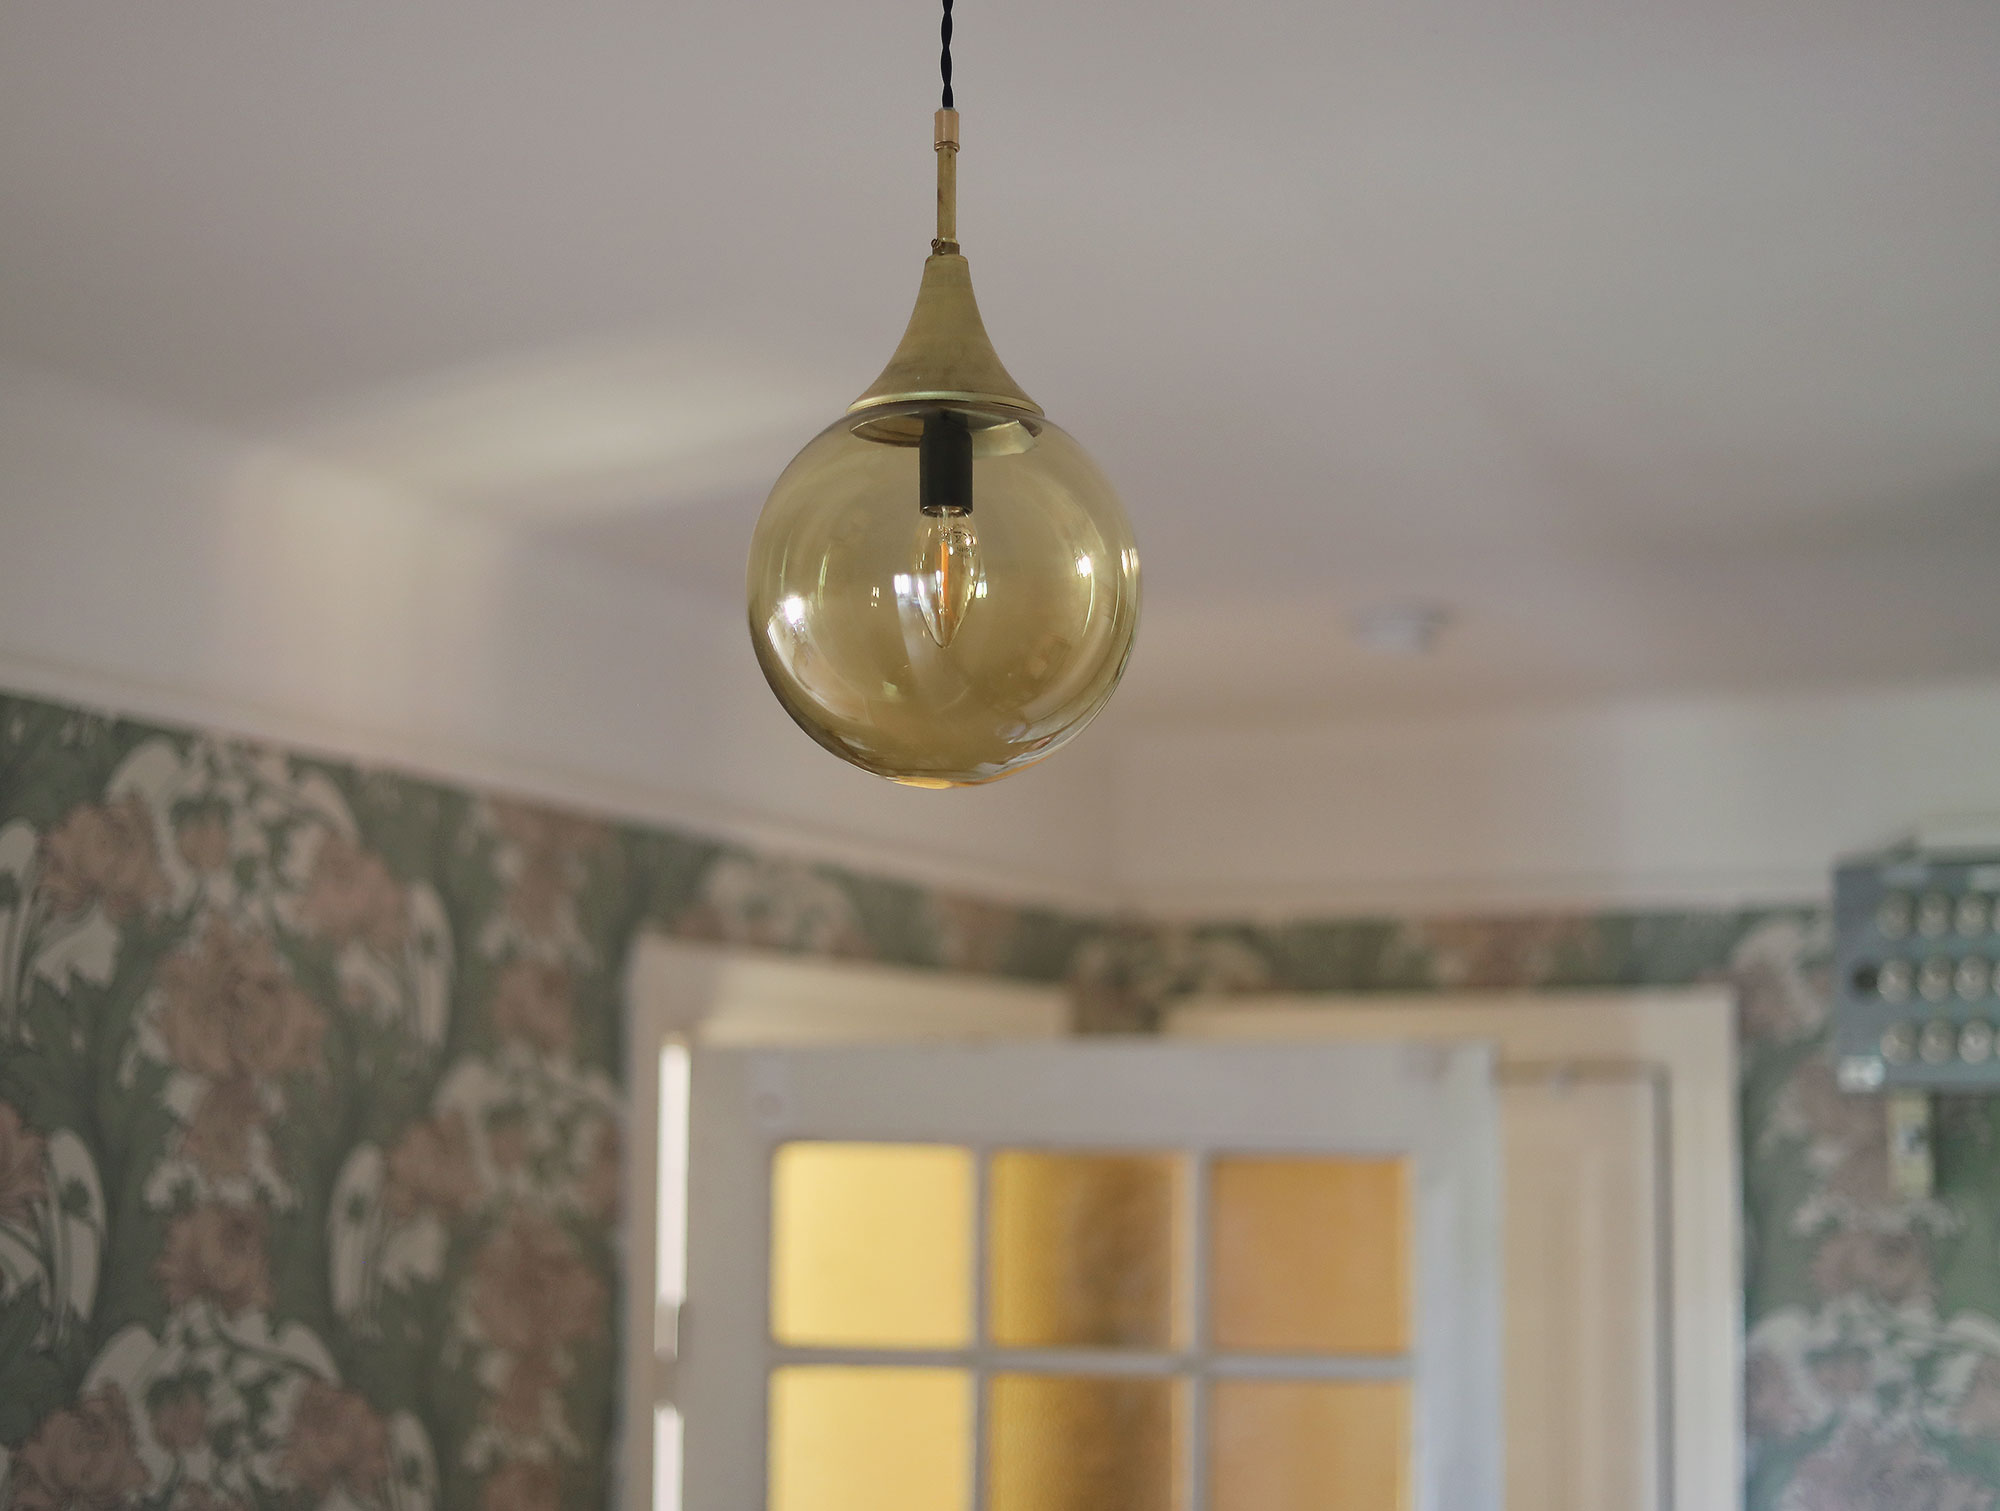 lampa vintage svenska armaturer inredning hall sekelskifte